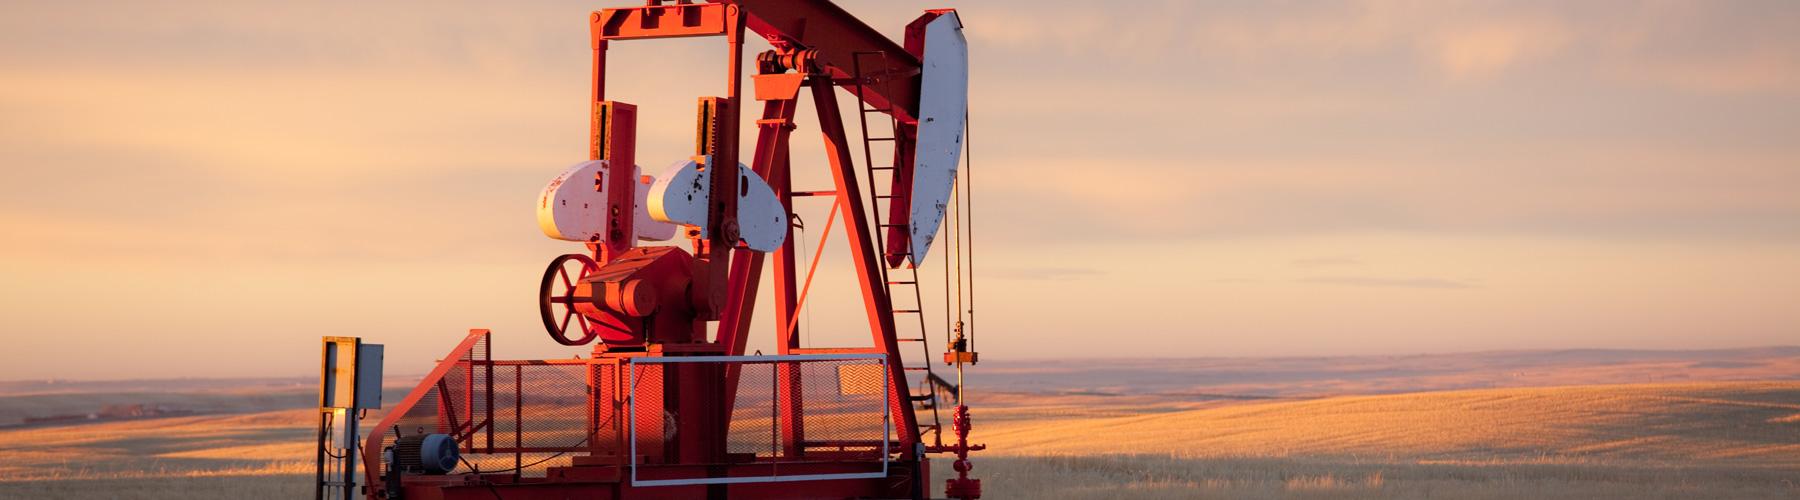 Red Prairie pump jack in oil field